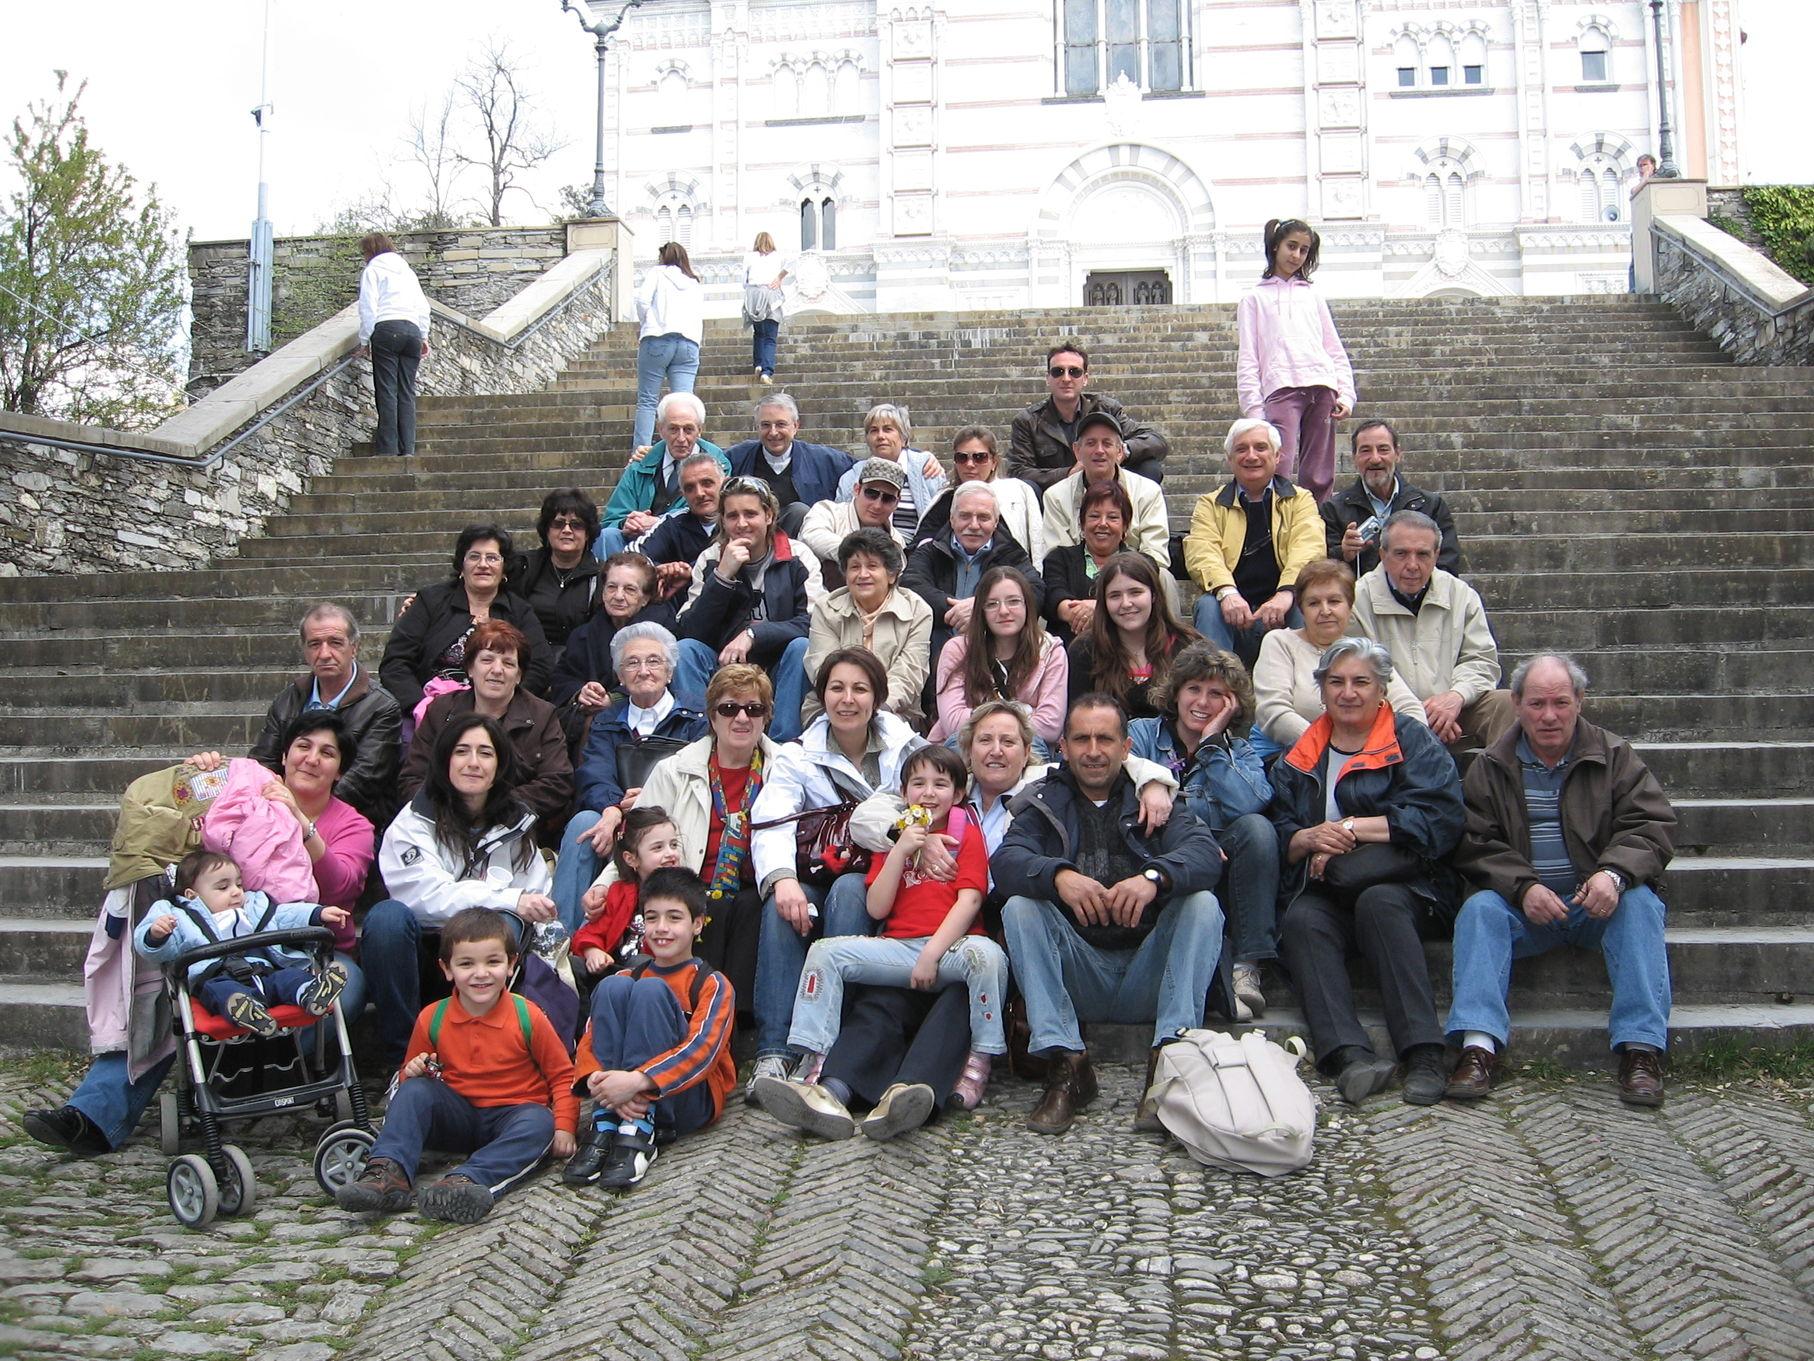 Montallegro-2009-04-13--13.46.18.jpg